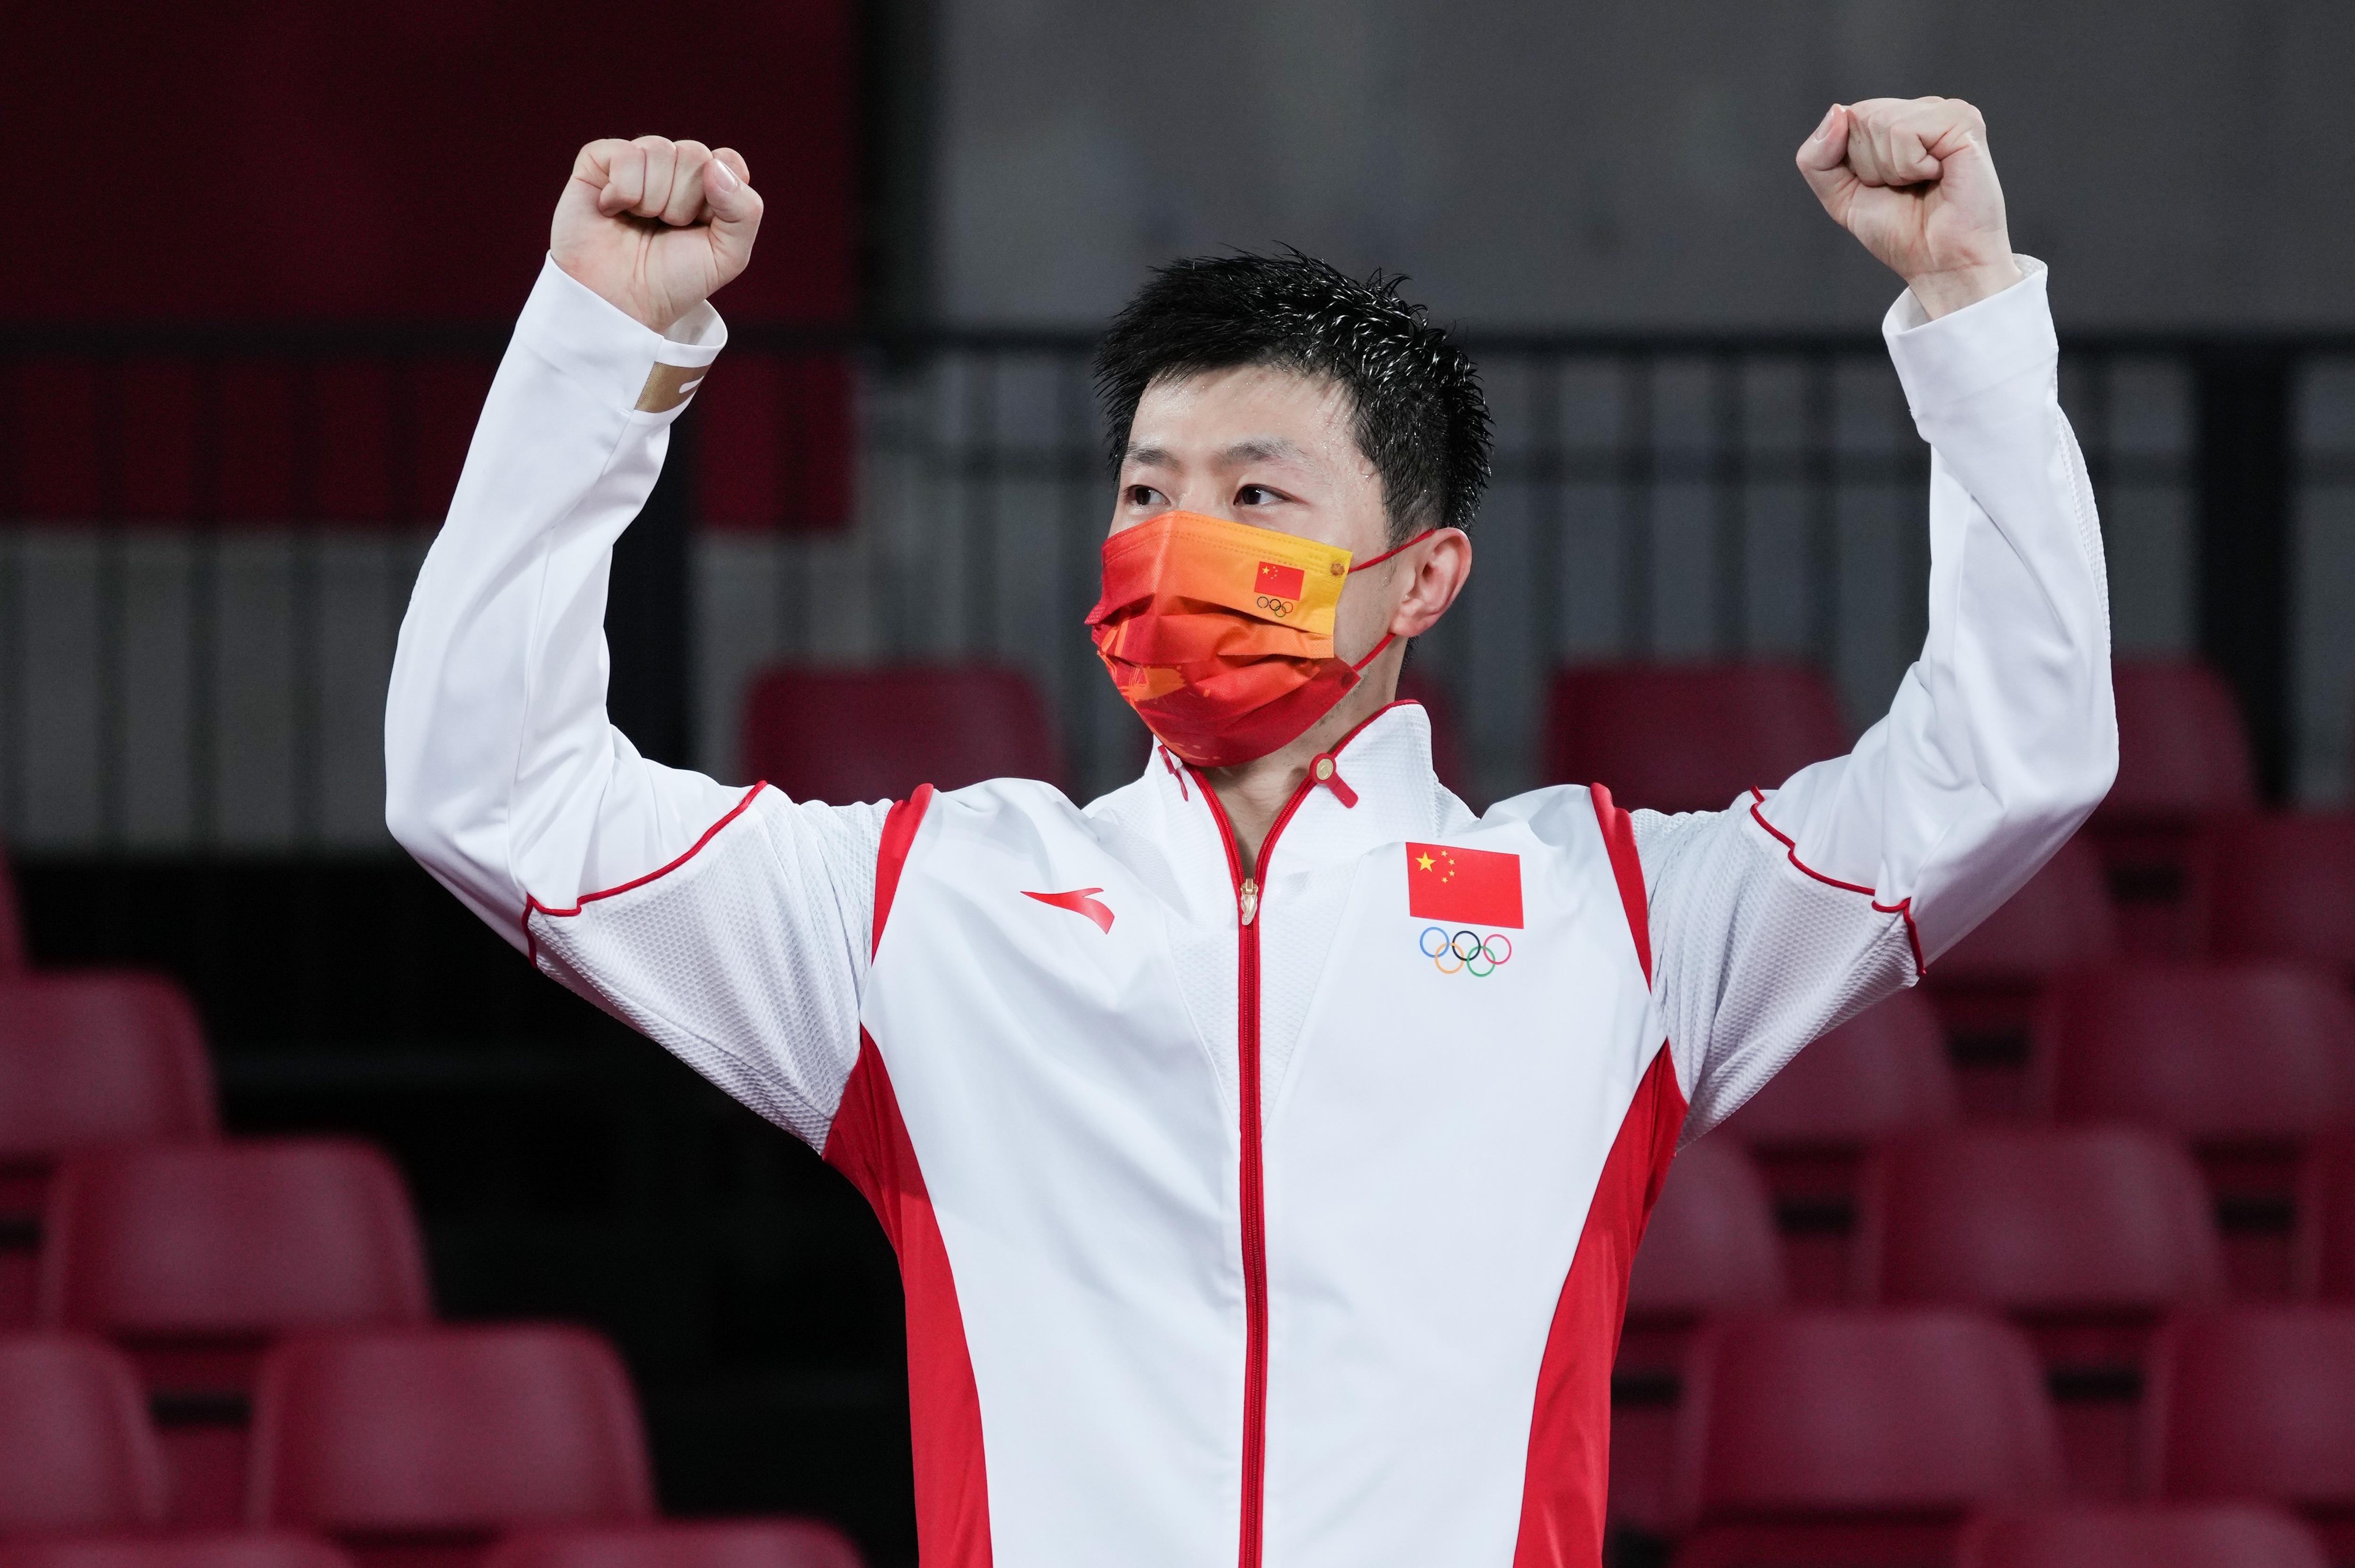 这就是巅峰对决!马龙击败樊振东,男乒卫冕奥运金牌第一人(图7)